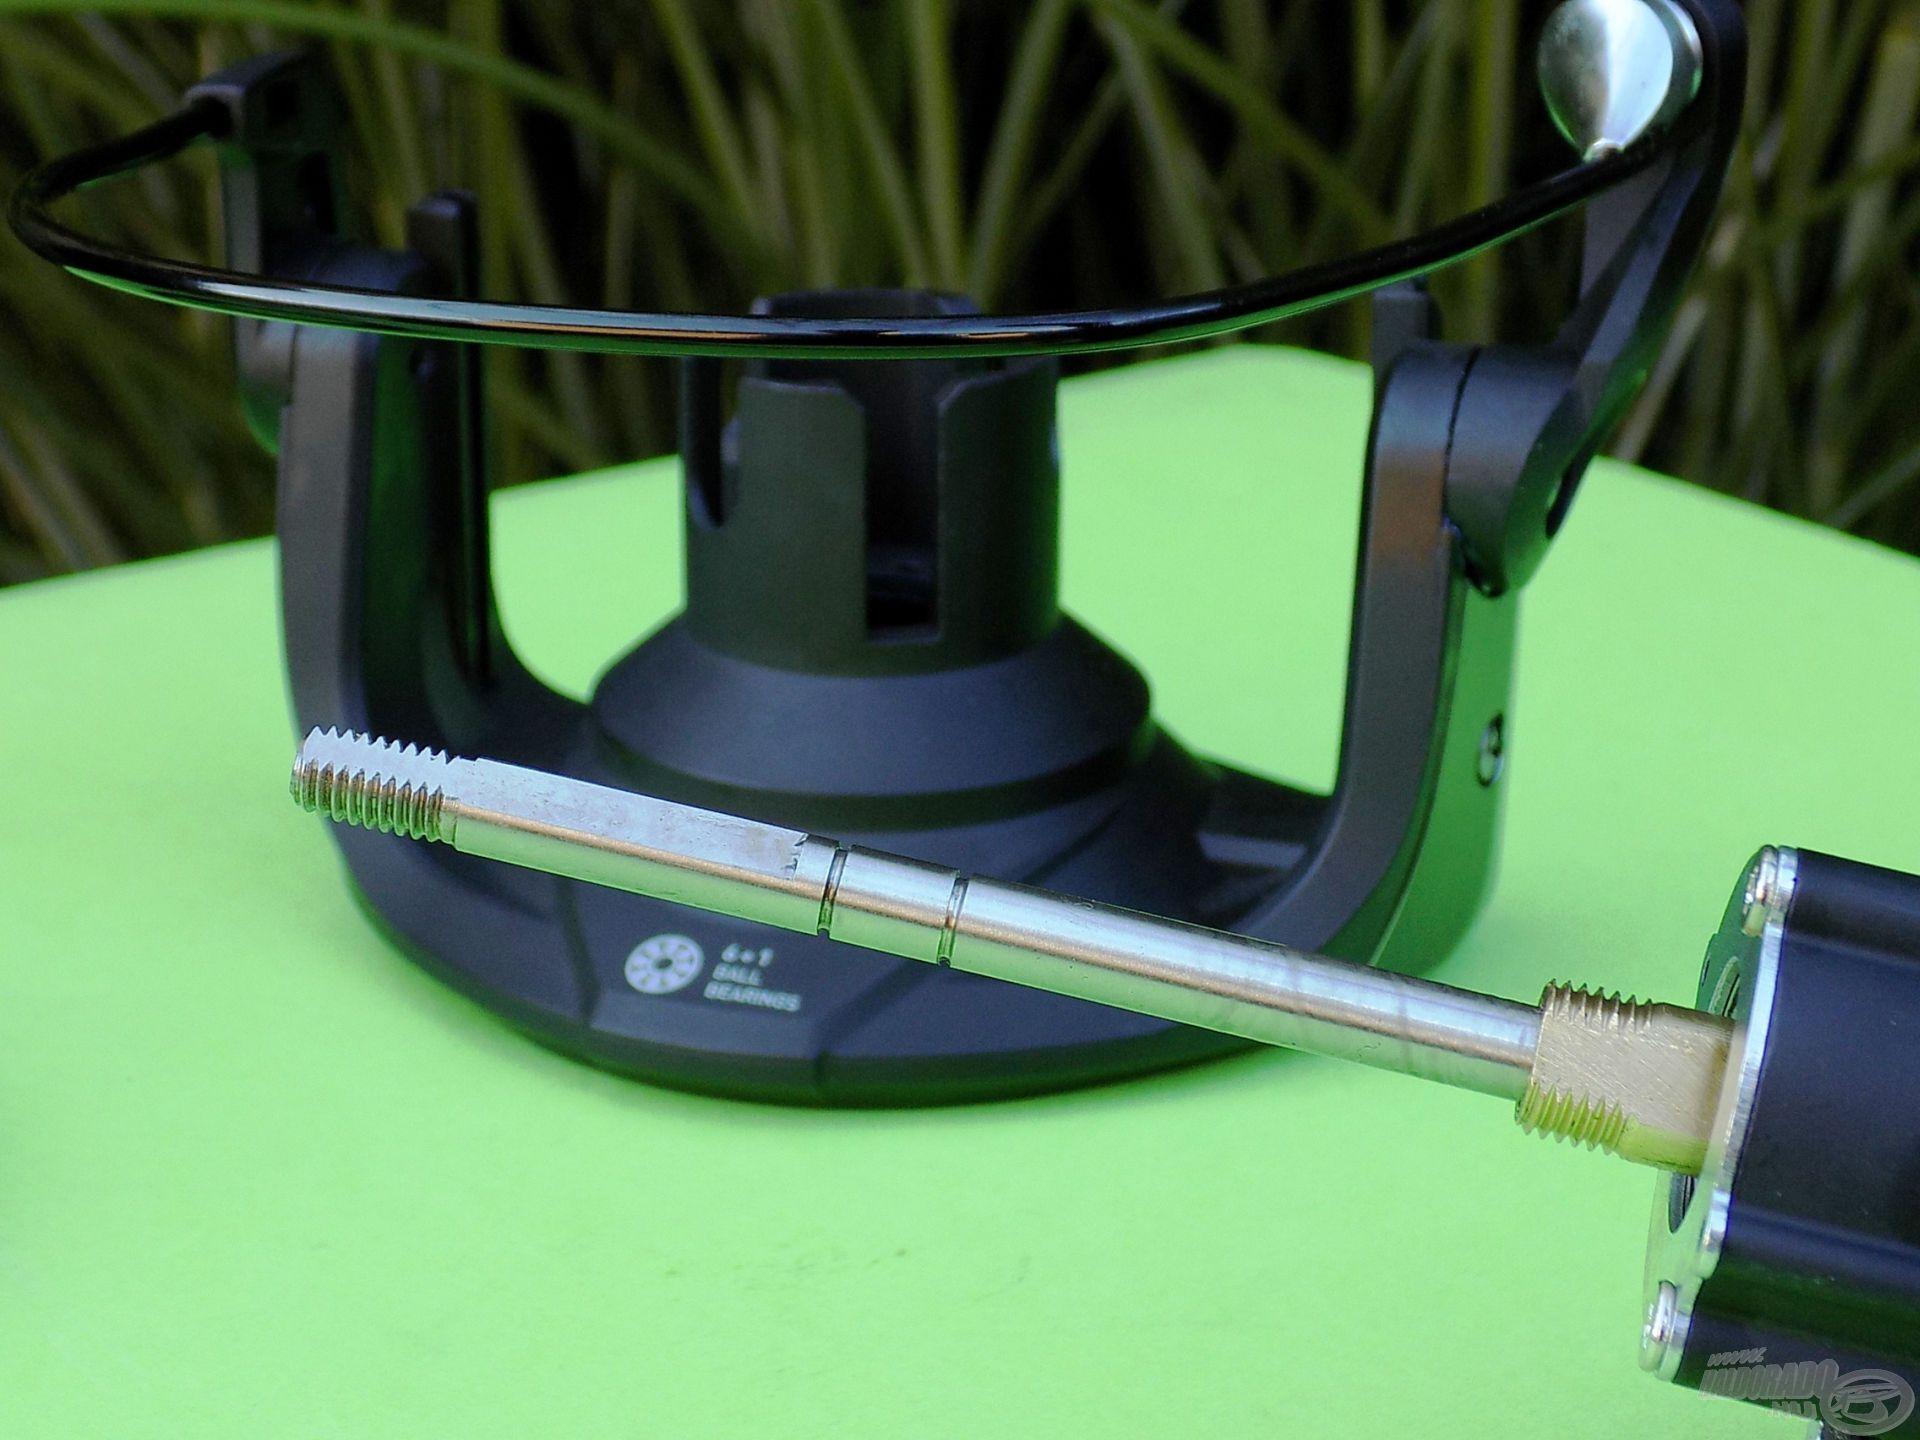 A nagy terhelhetőség szempontjából a 6 mm vastag dobemelő tengelynek is van szerepe!